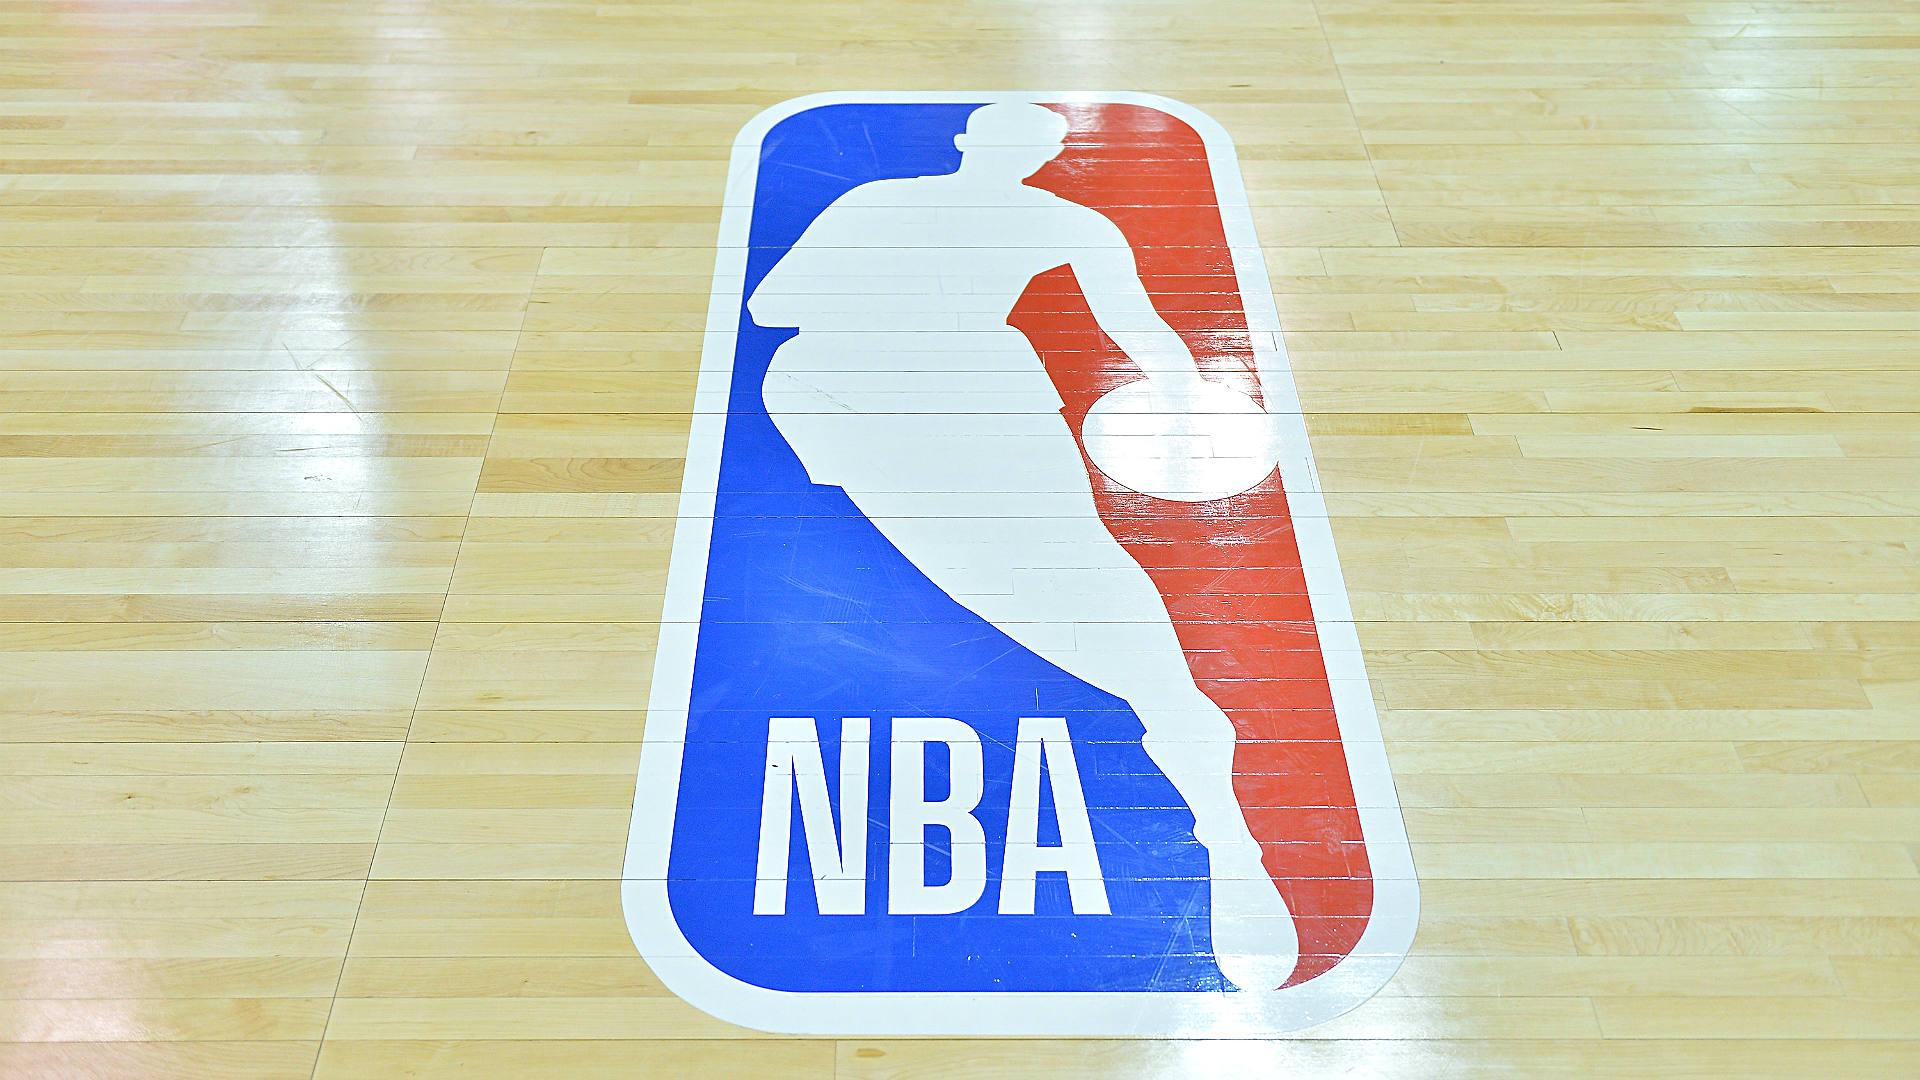 Nba-logo-ftr_hdo0fhdqzf831kmvypizccxeg